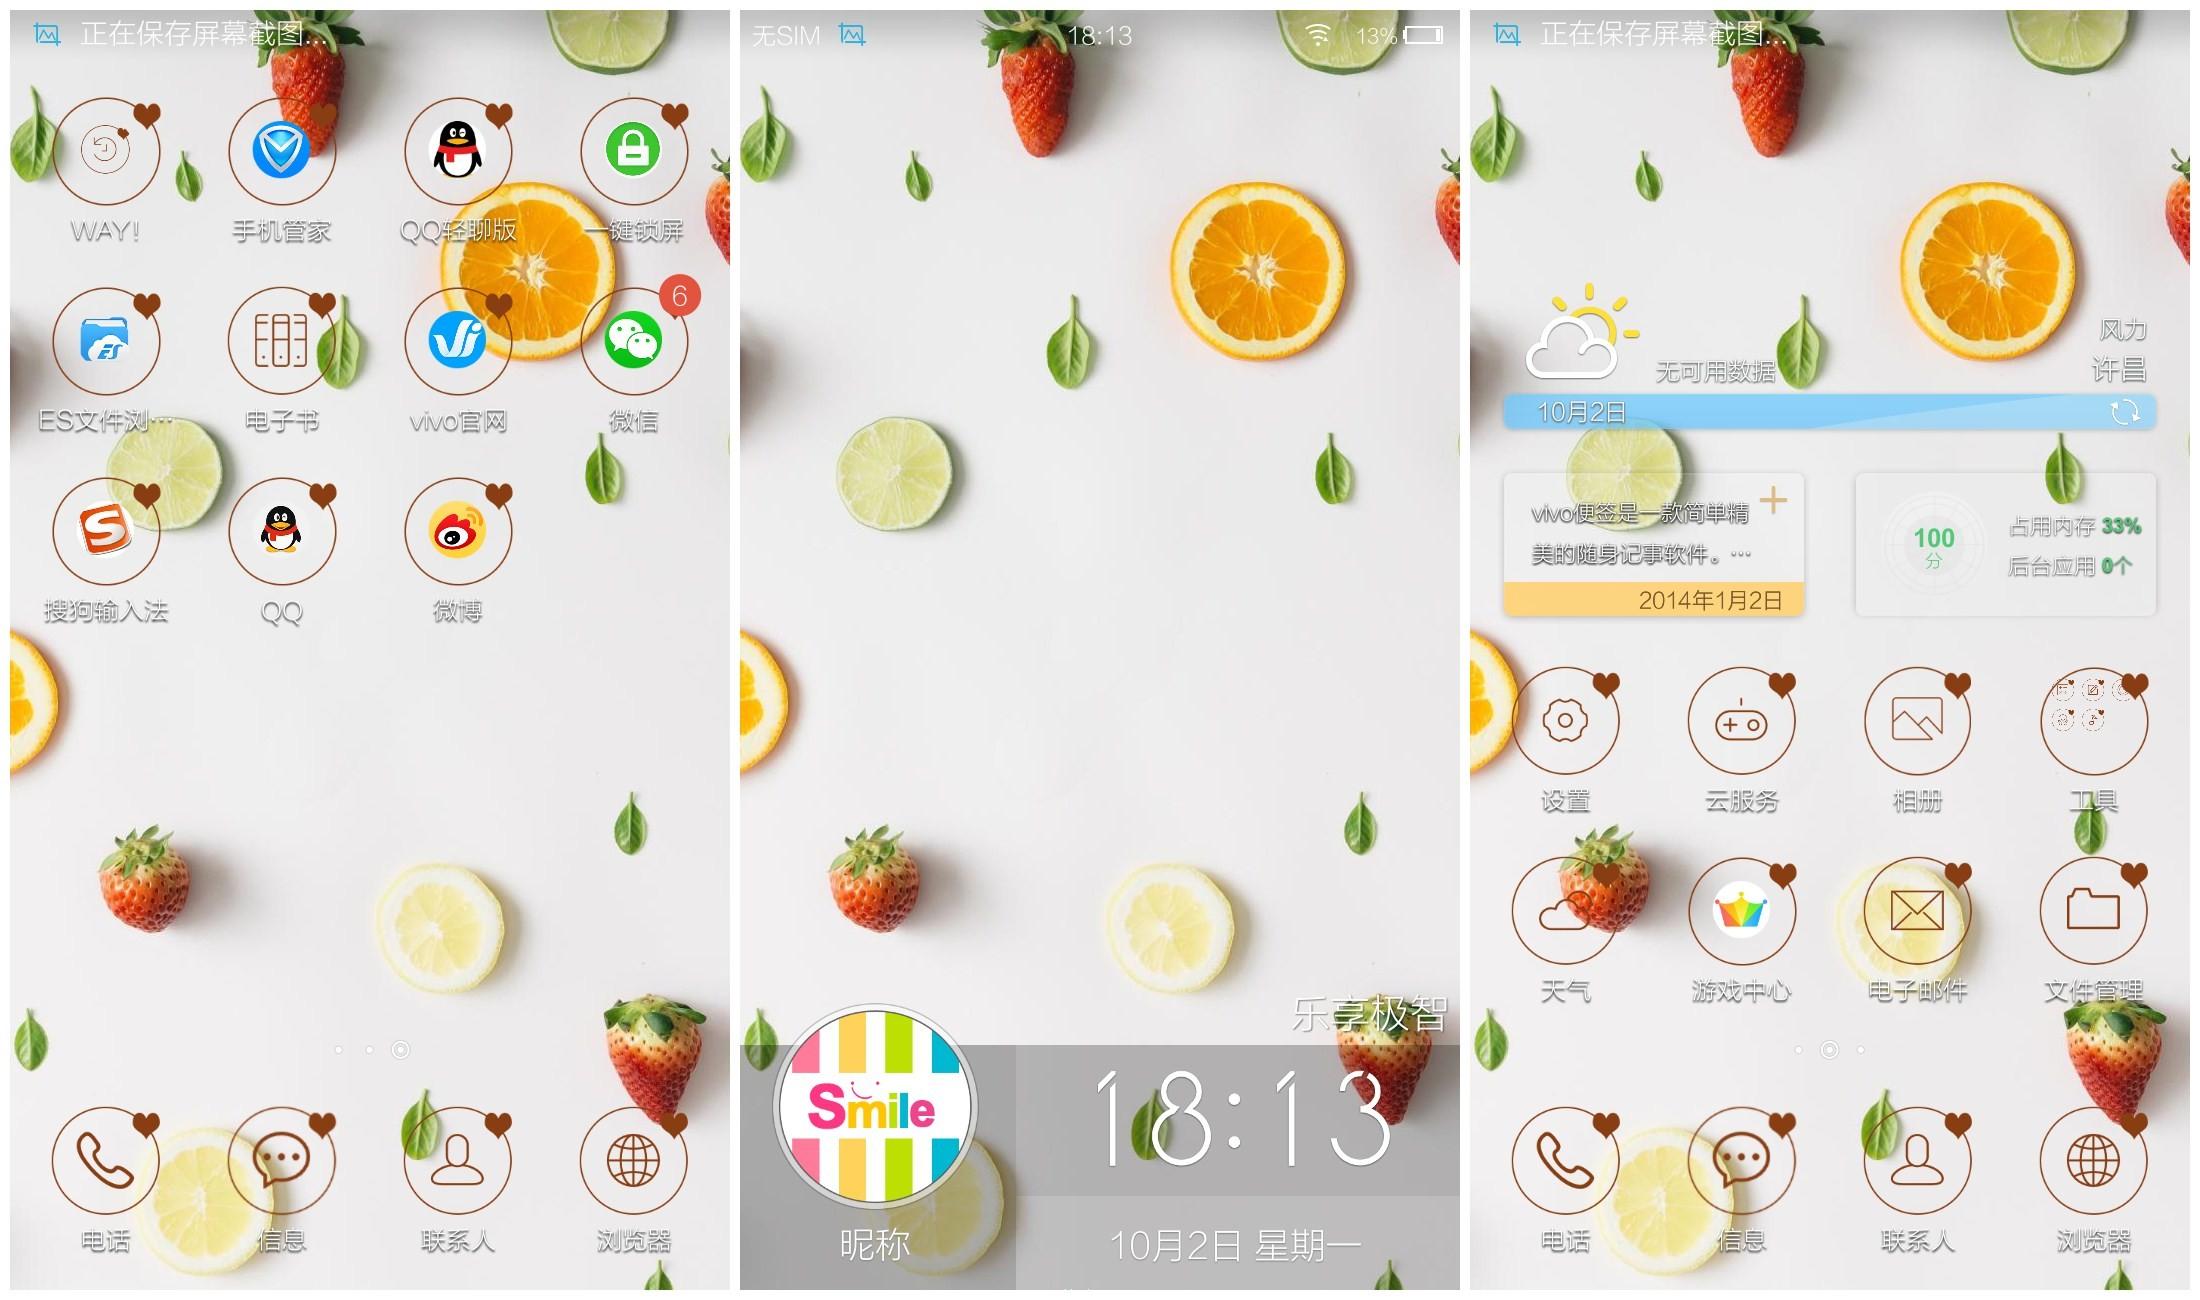 【v粉主题组】【x5m】小清新水果铺-第10页-手机主题